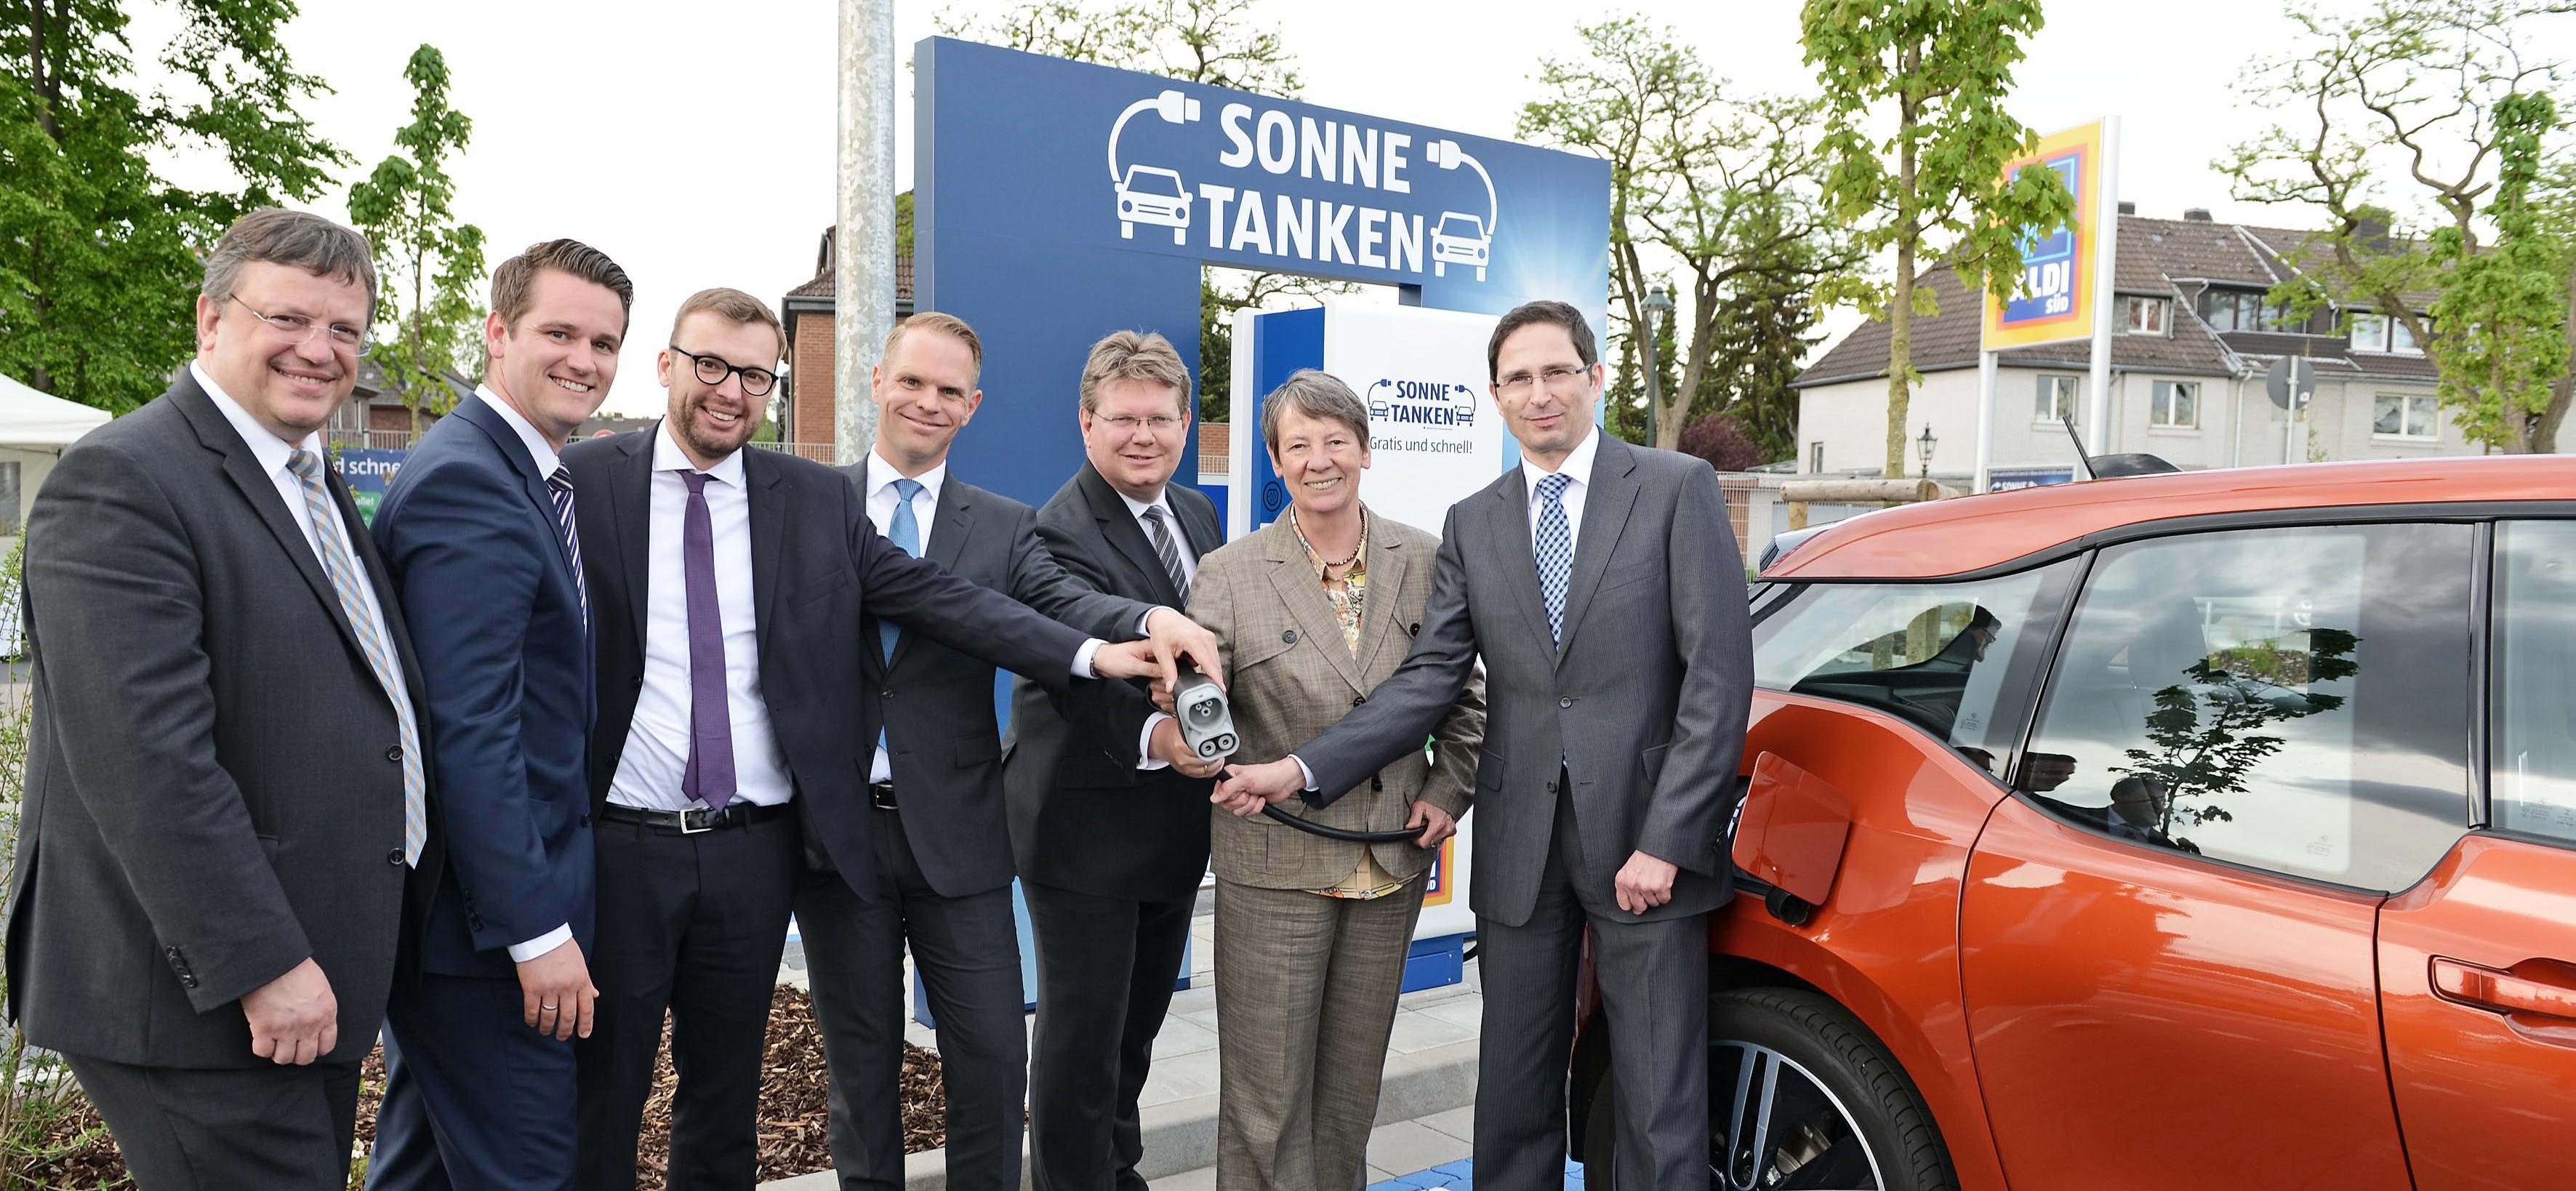 Elektromobilität verbindet Klimaschutz mit einer modernen Verkehrspolitik: In Düsseldorf wurde die bundesweit erste Solartankstelle von Aldi eröffnet!